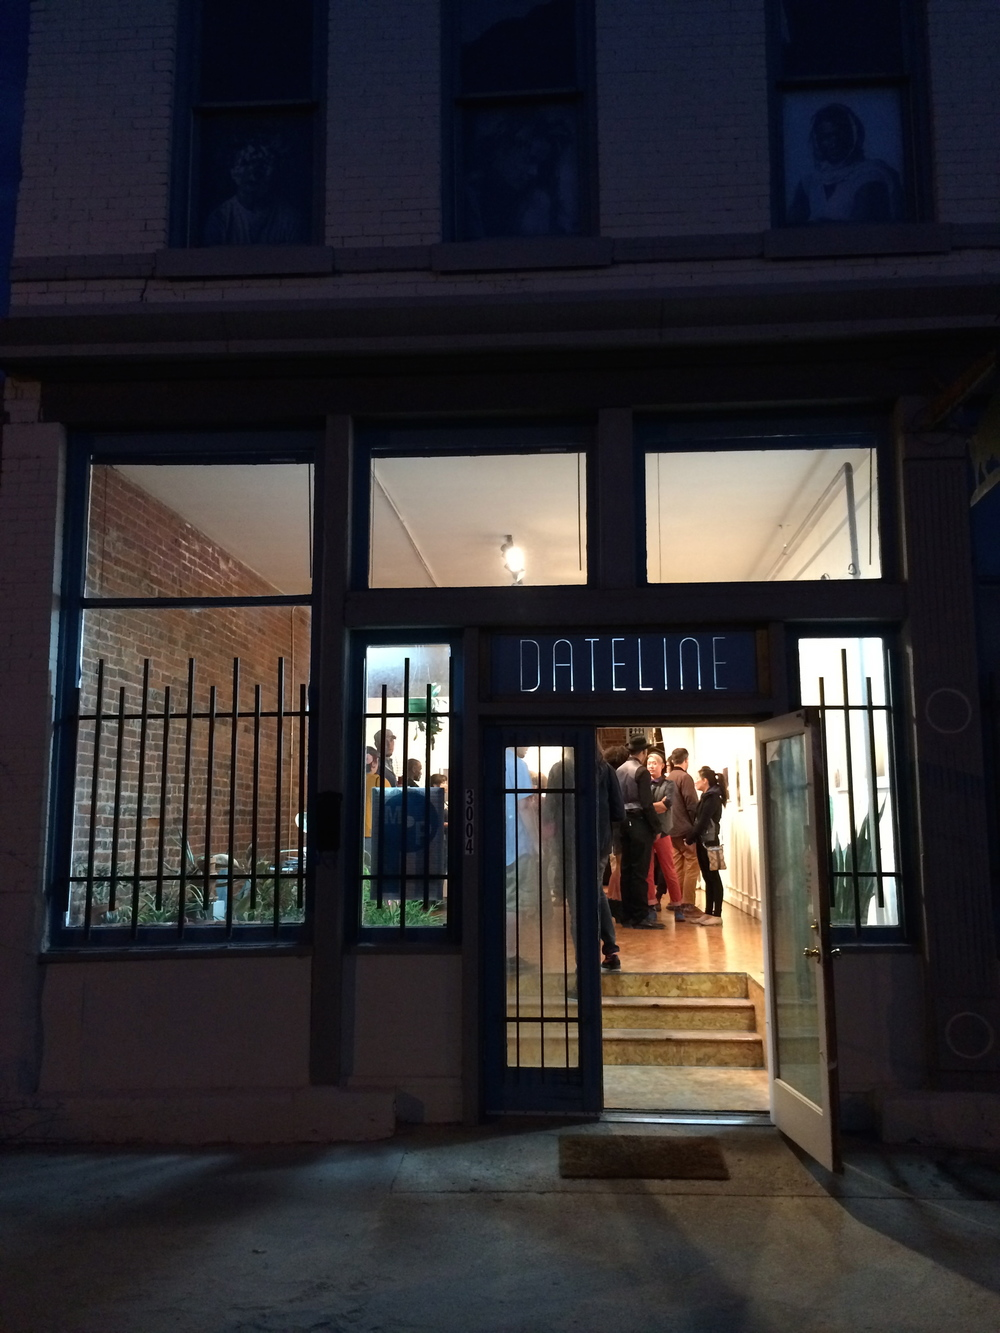 dateline_gallery